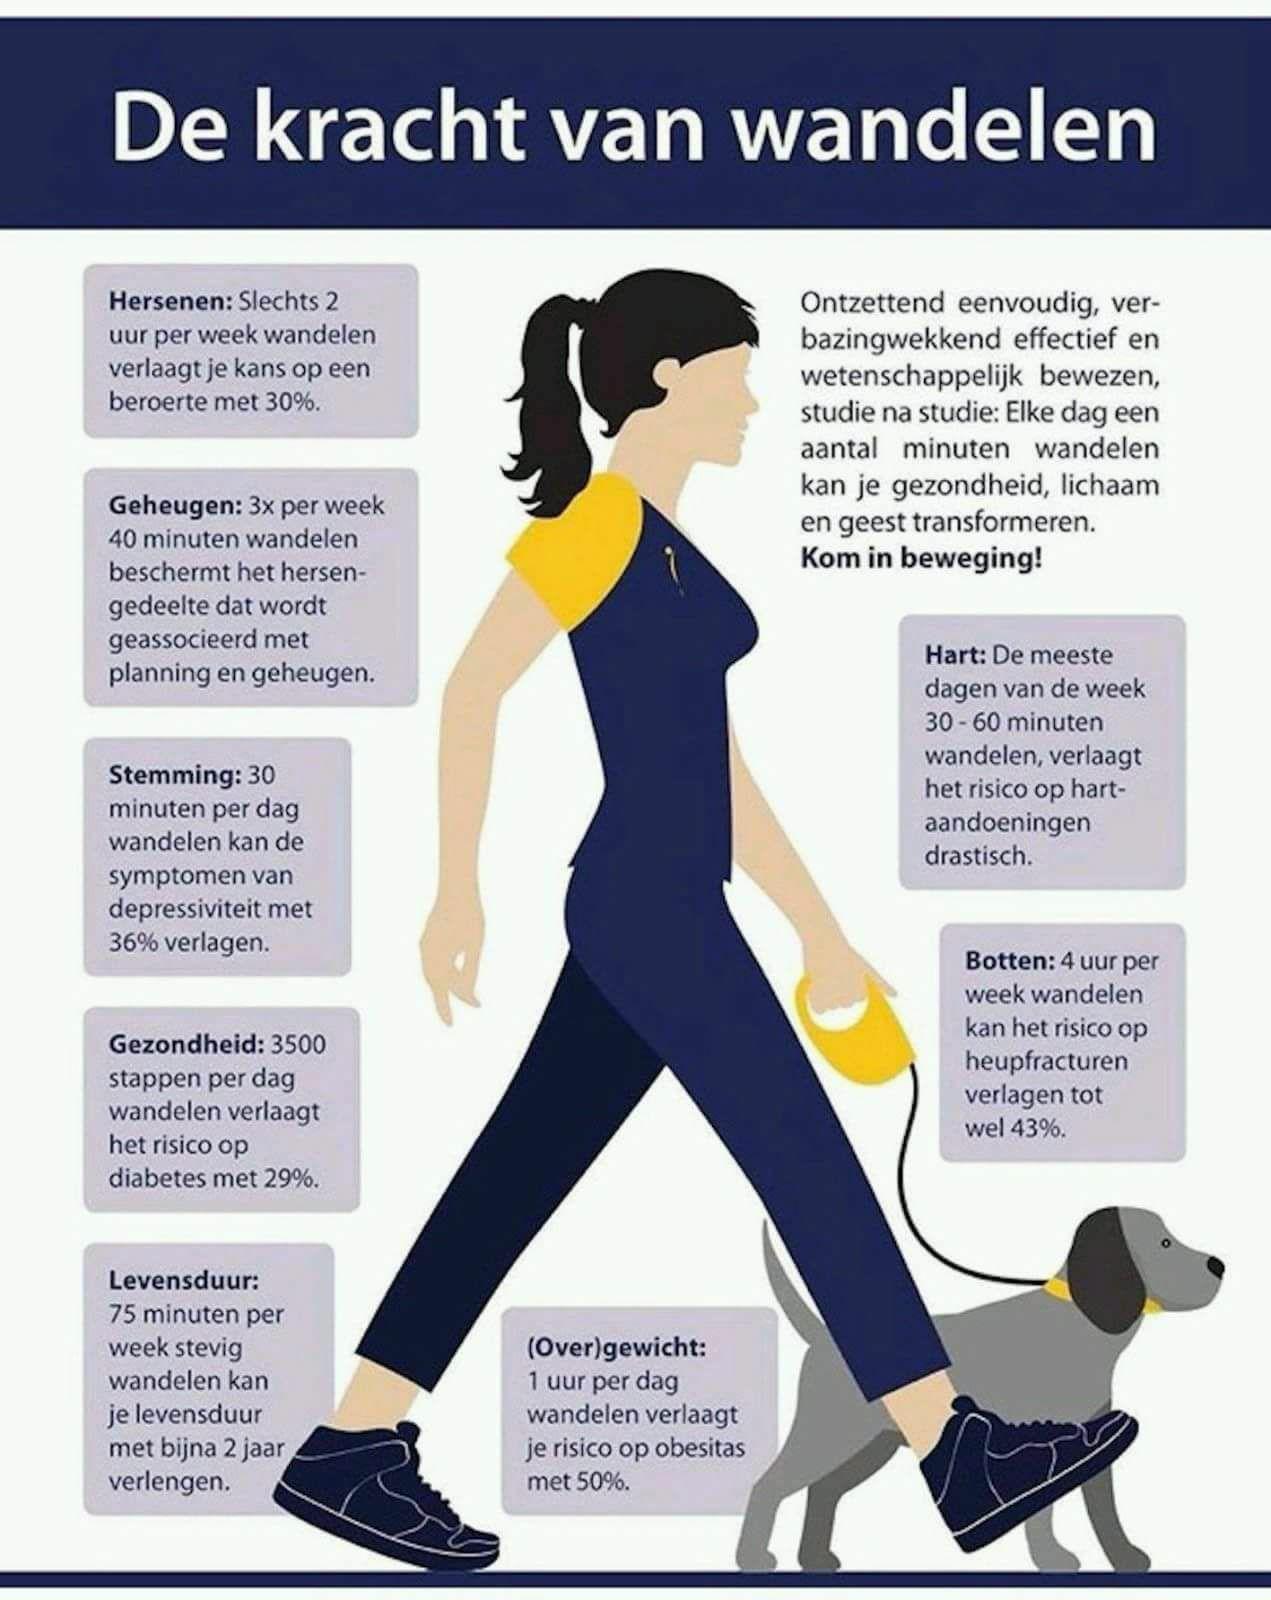 wandelen met de dokter huisarts huisartsenpraktijk heer maastricht